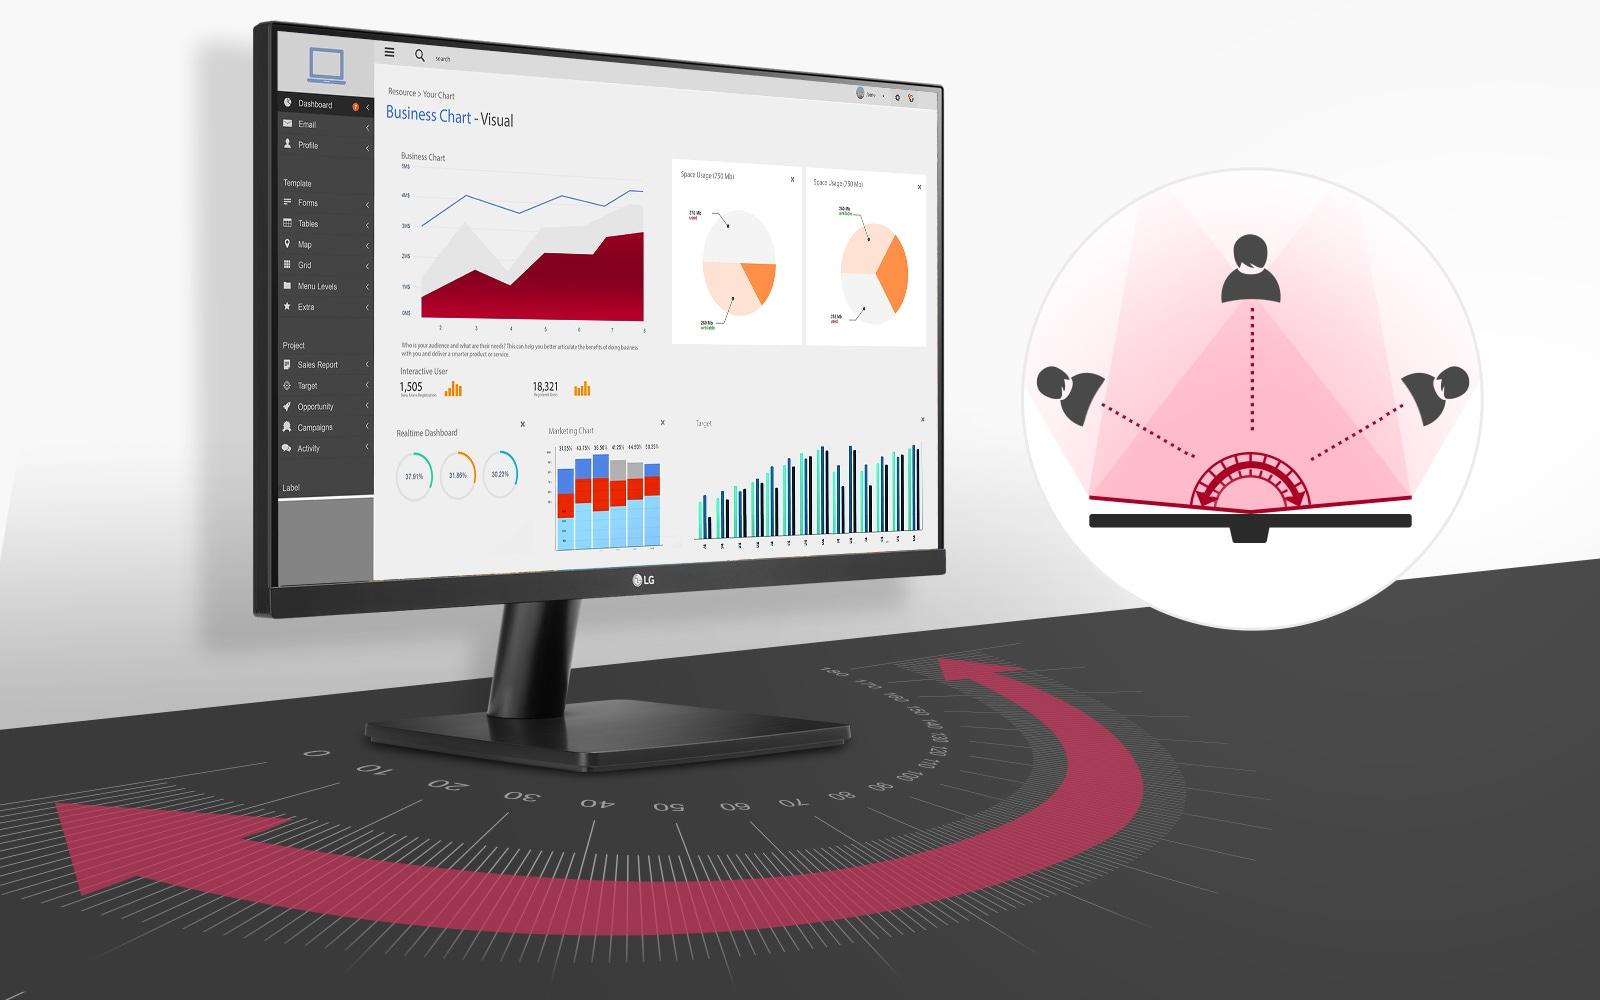 Màu sắc rõ hơn và đảm bảo tính chân thực khi hiển thị ở góc rộng lên tới 178 độ trên màn hình IPS Full HD